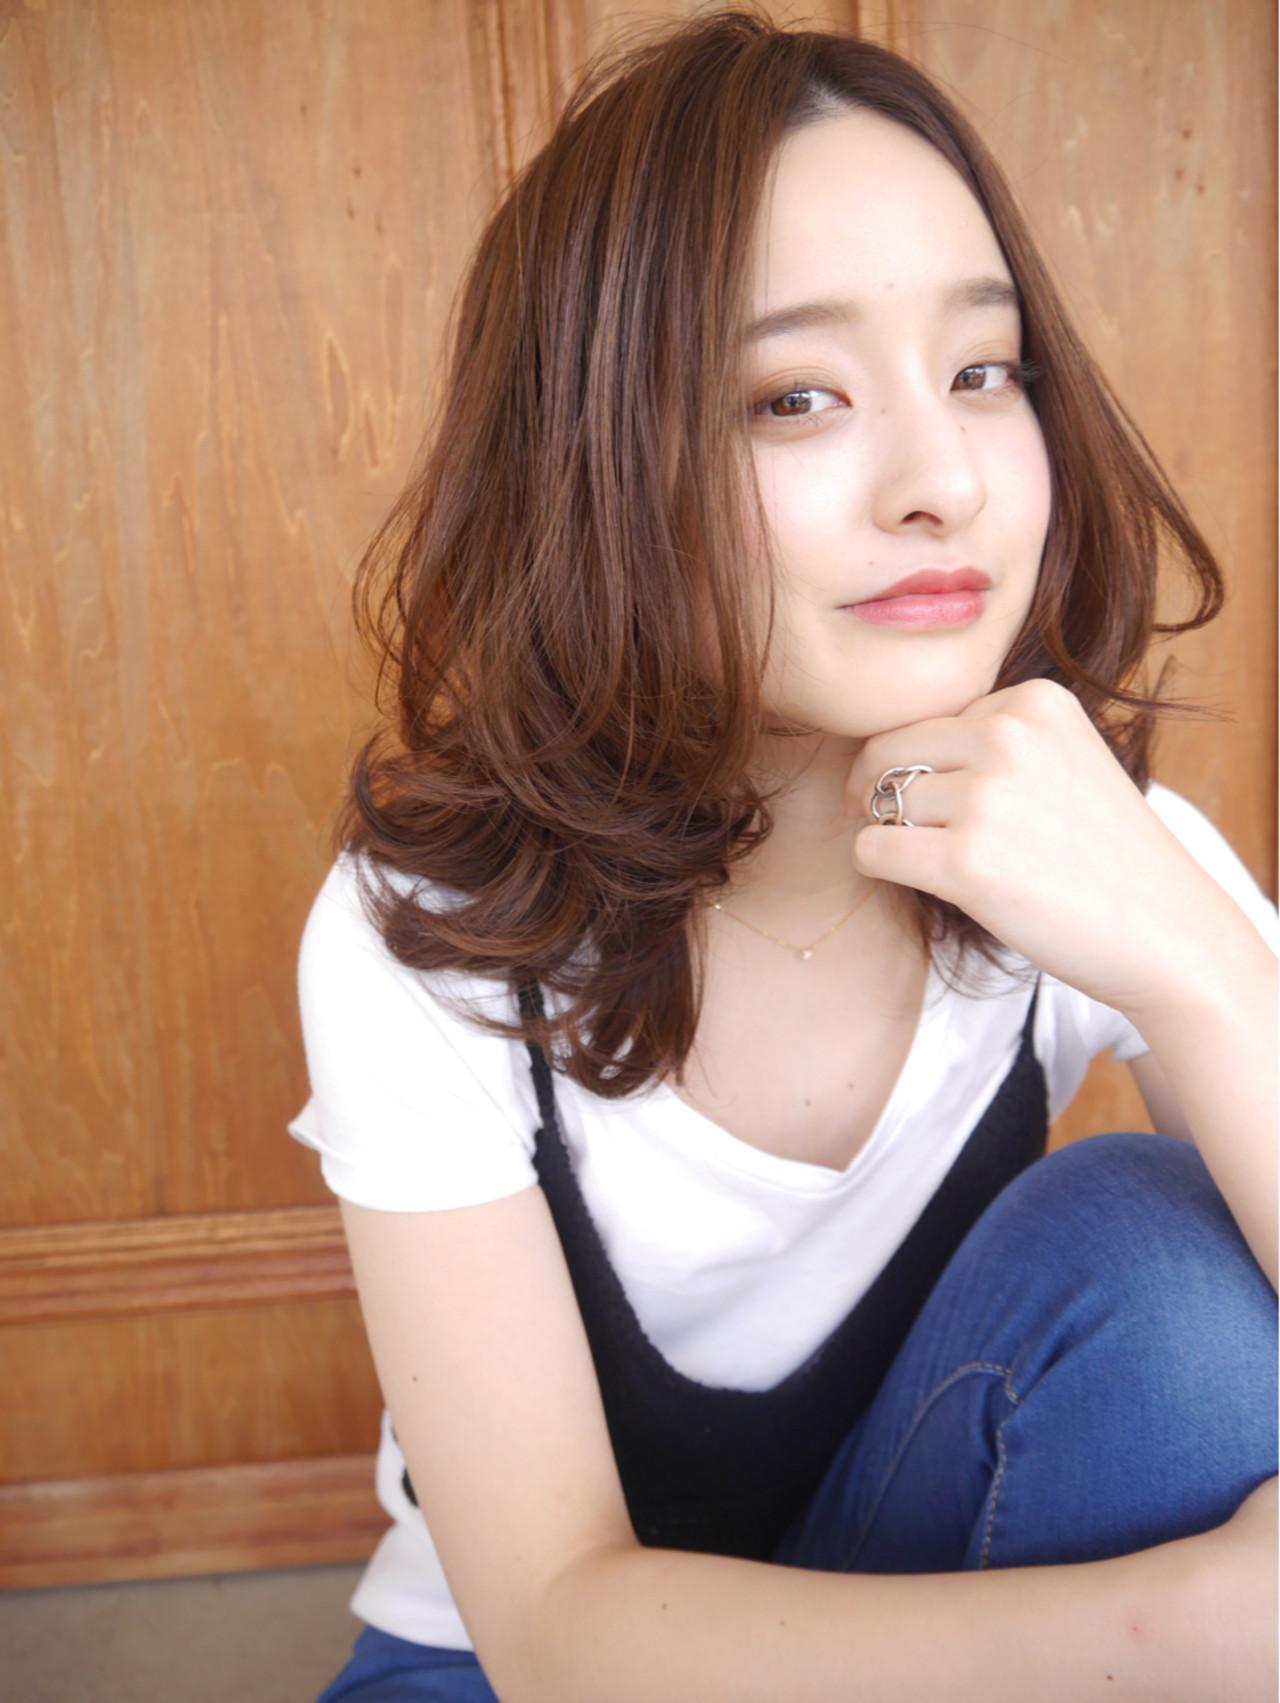 肌や瞳のカラーで、似合う髪色を決める yama